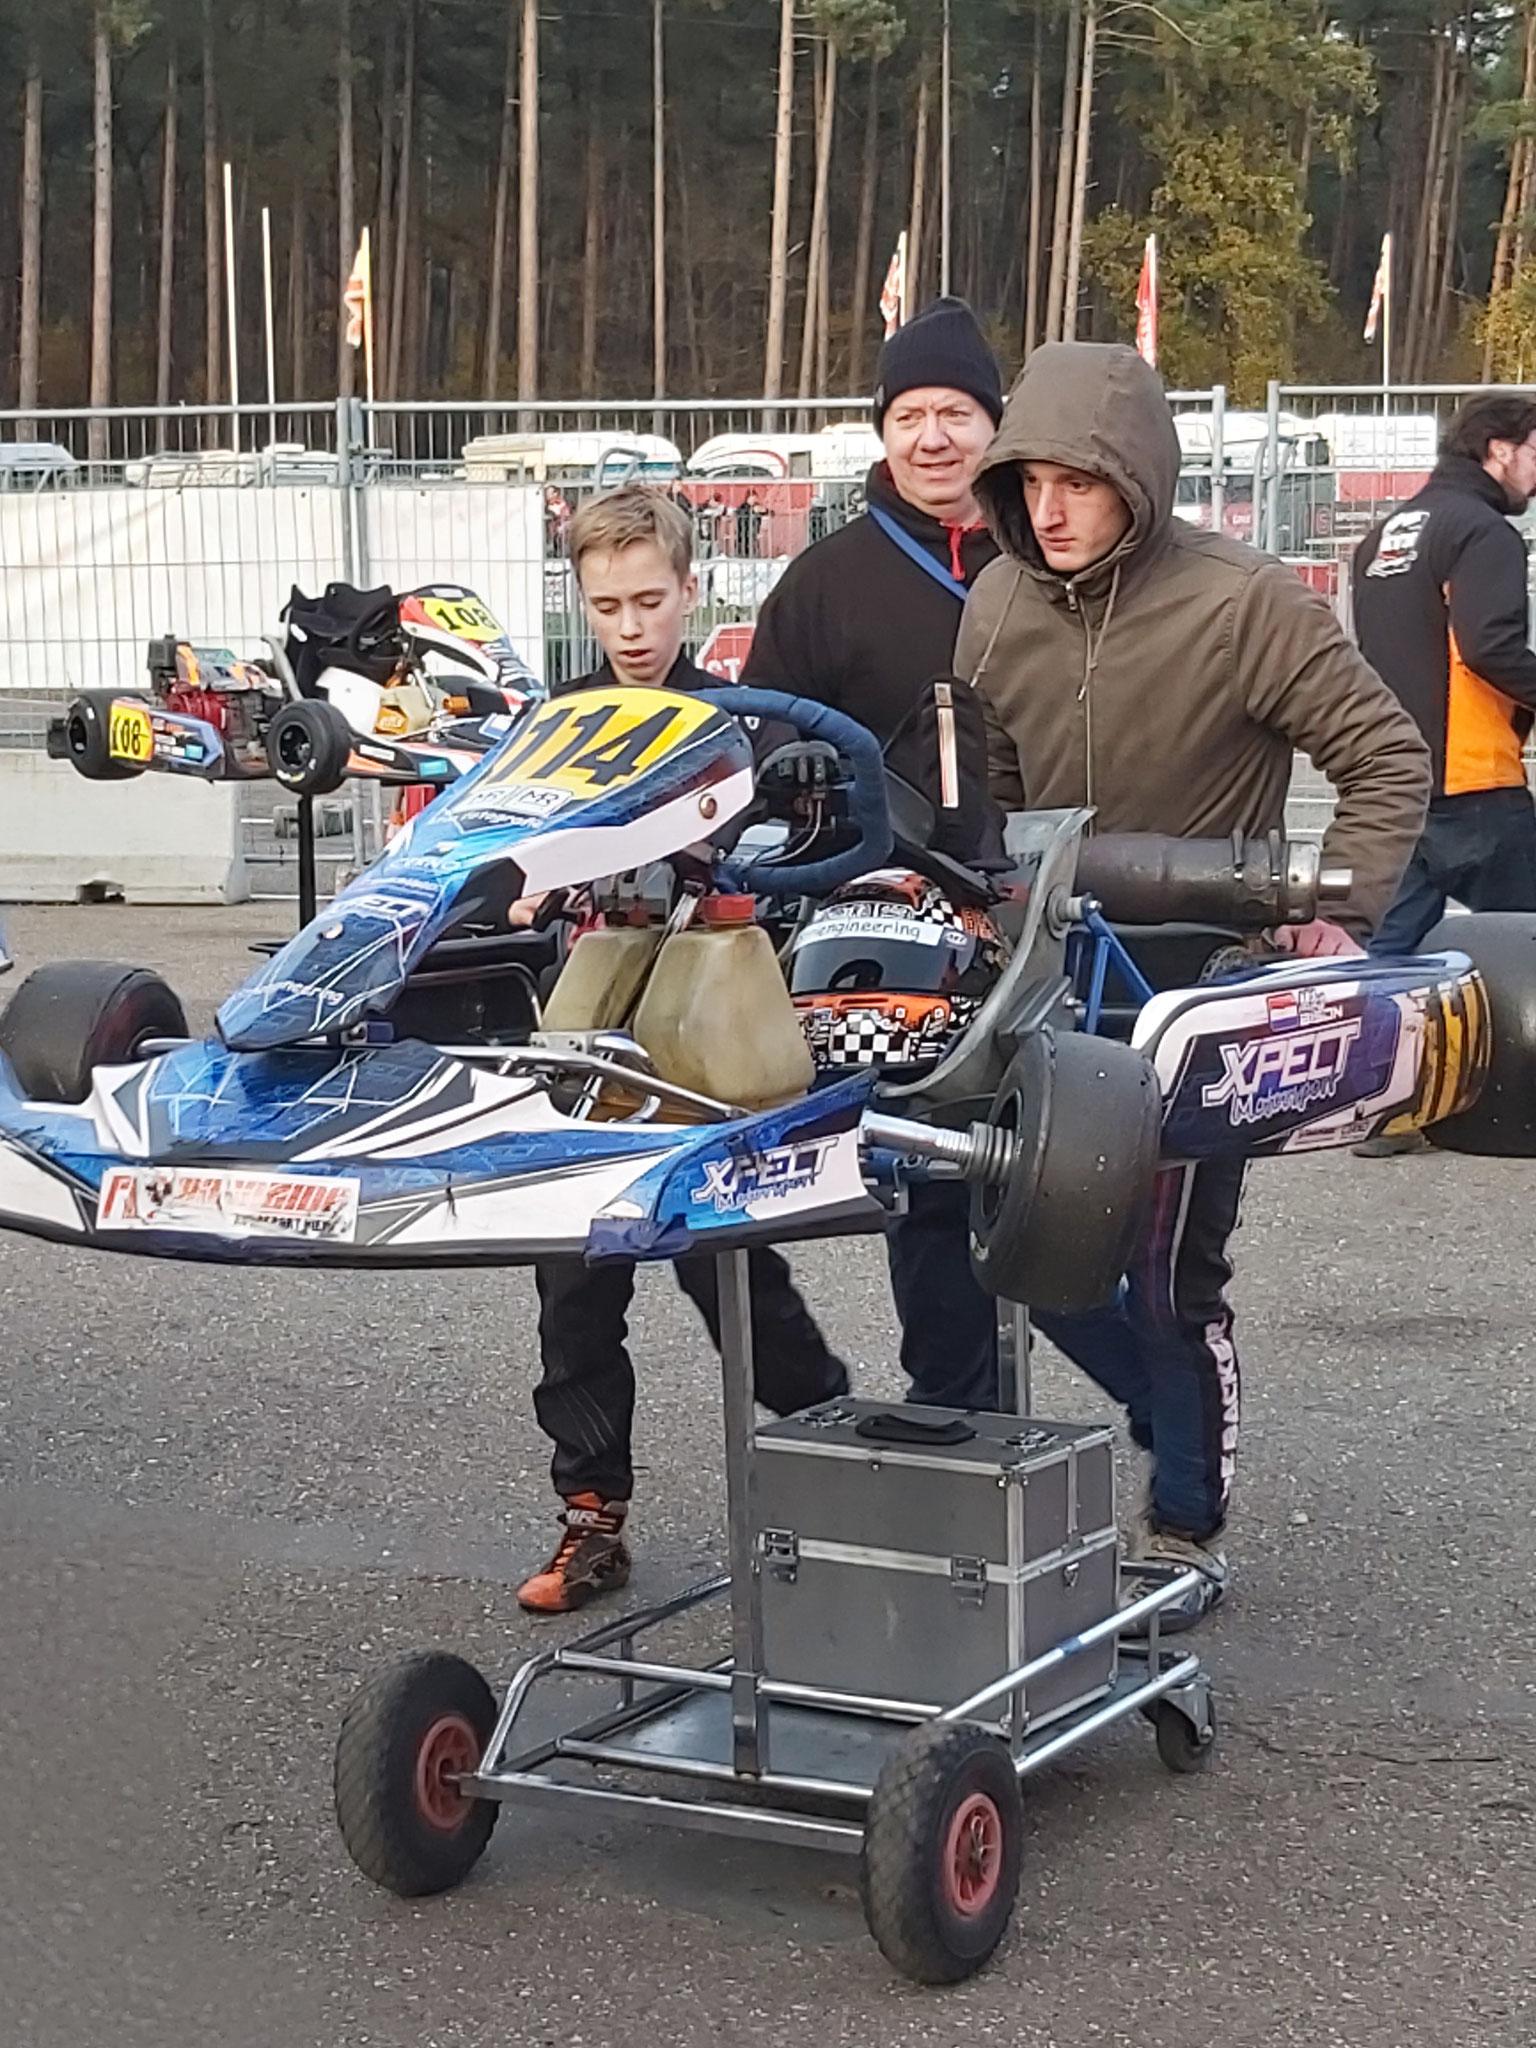 Tevreden met P5, even met Tomas bespreken hoe de race is verlopen.